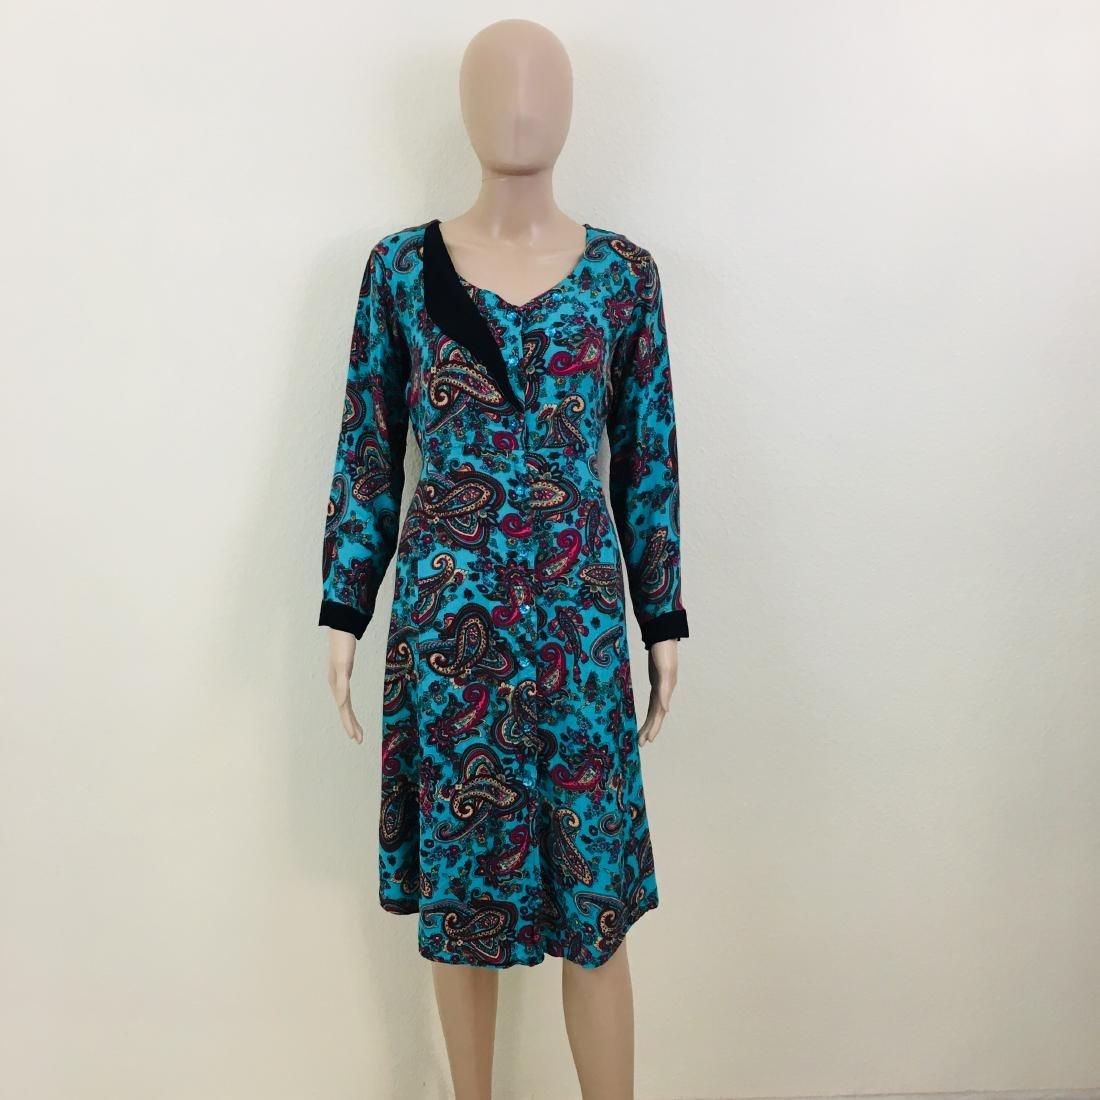 Vintage Women's Handmade Designer Dress - 2